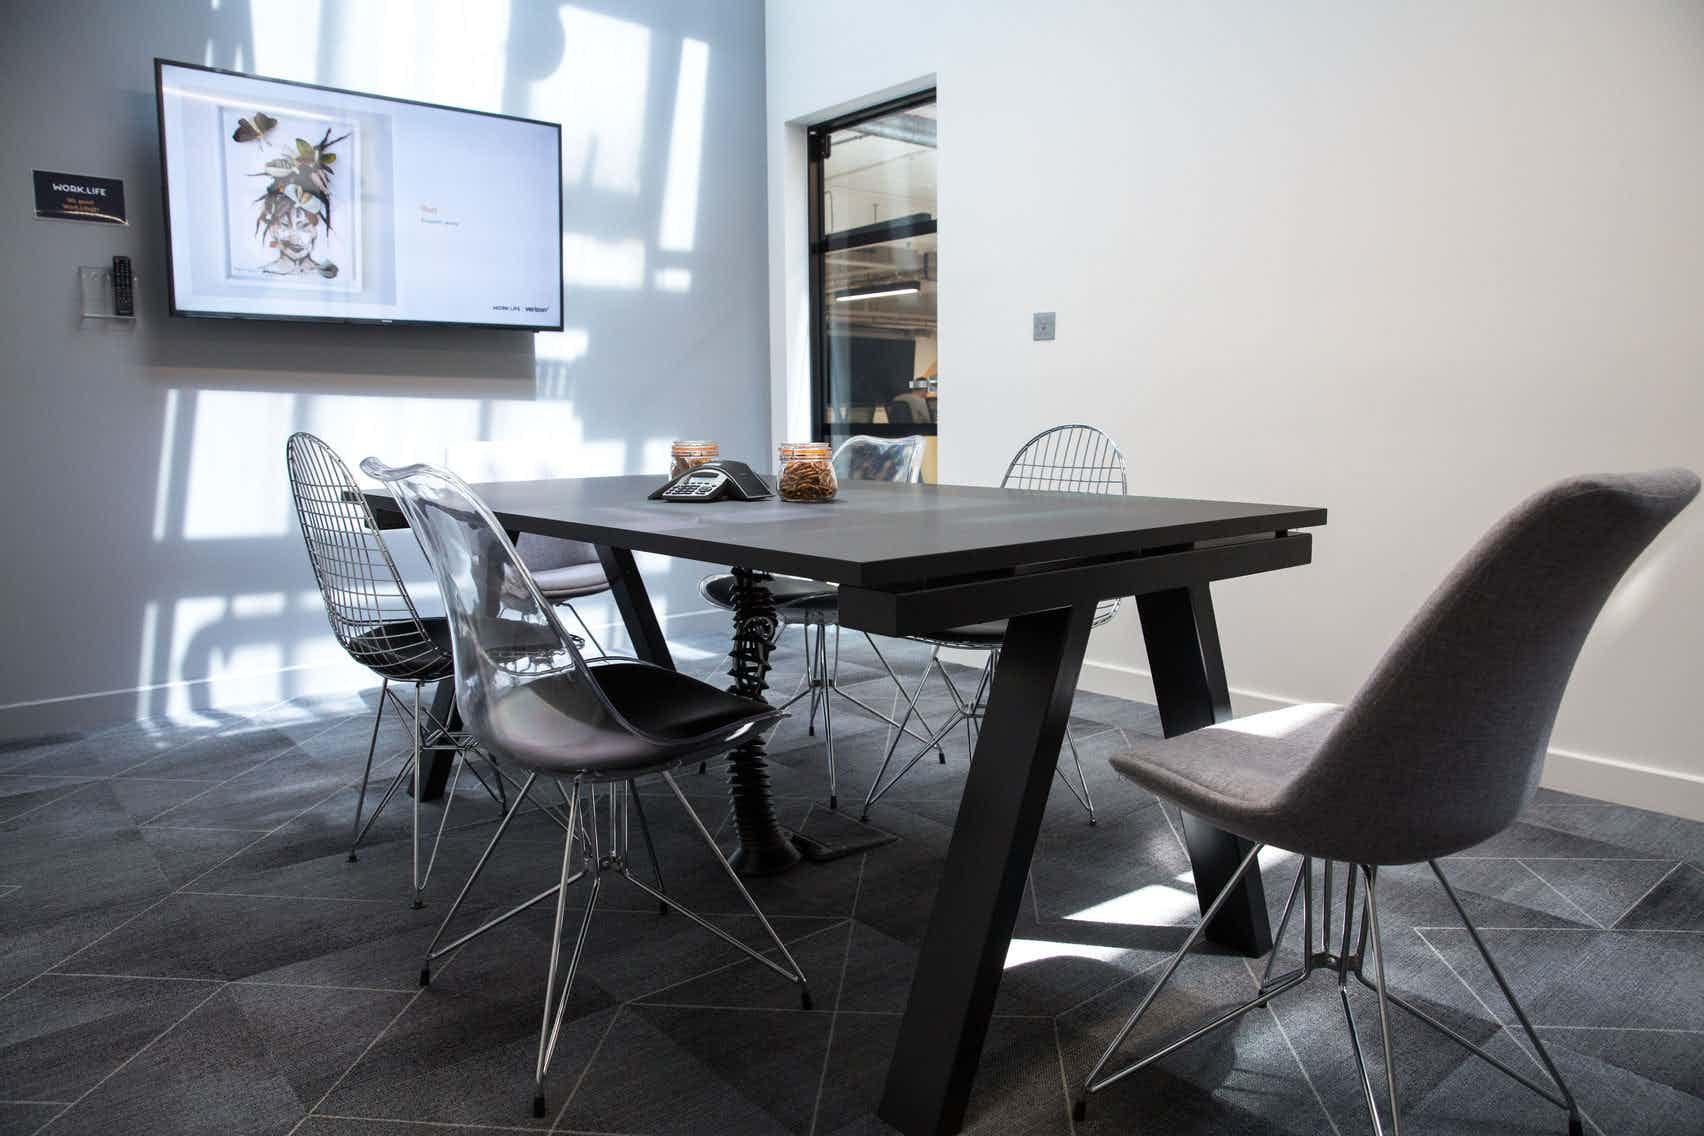 Eames Room, Work.Life Clerkenwell